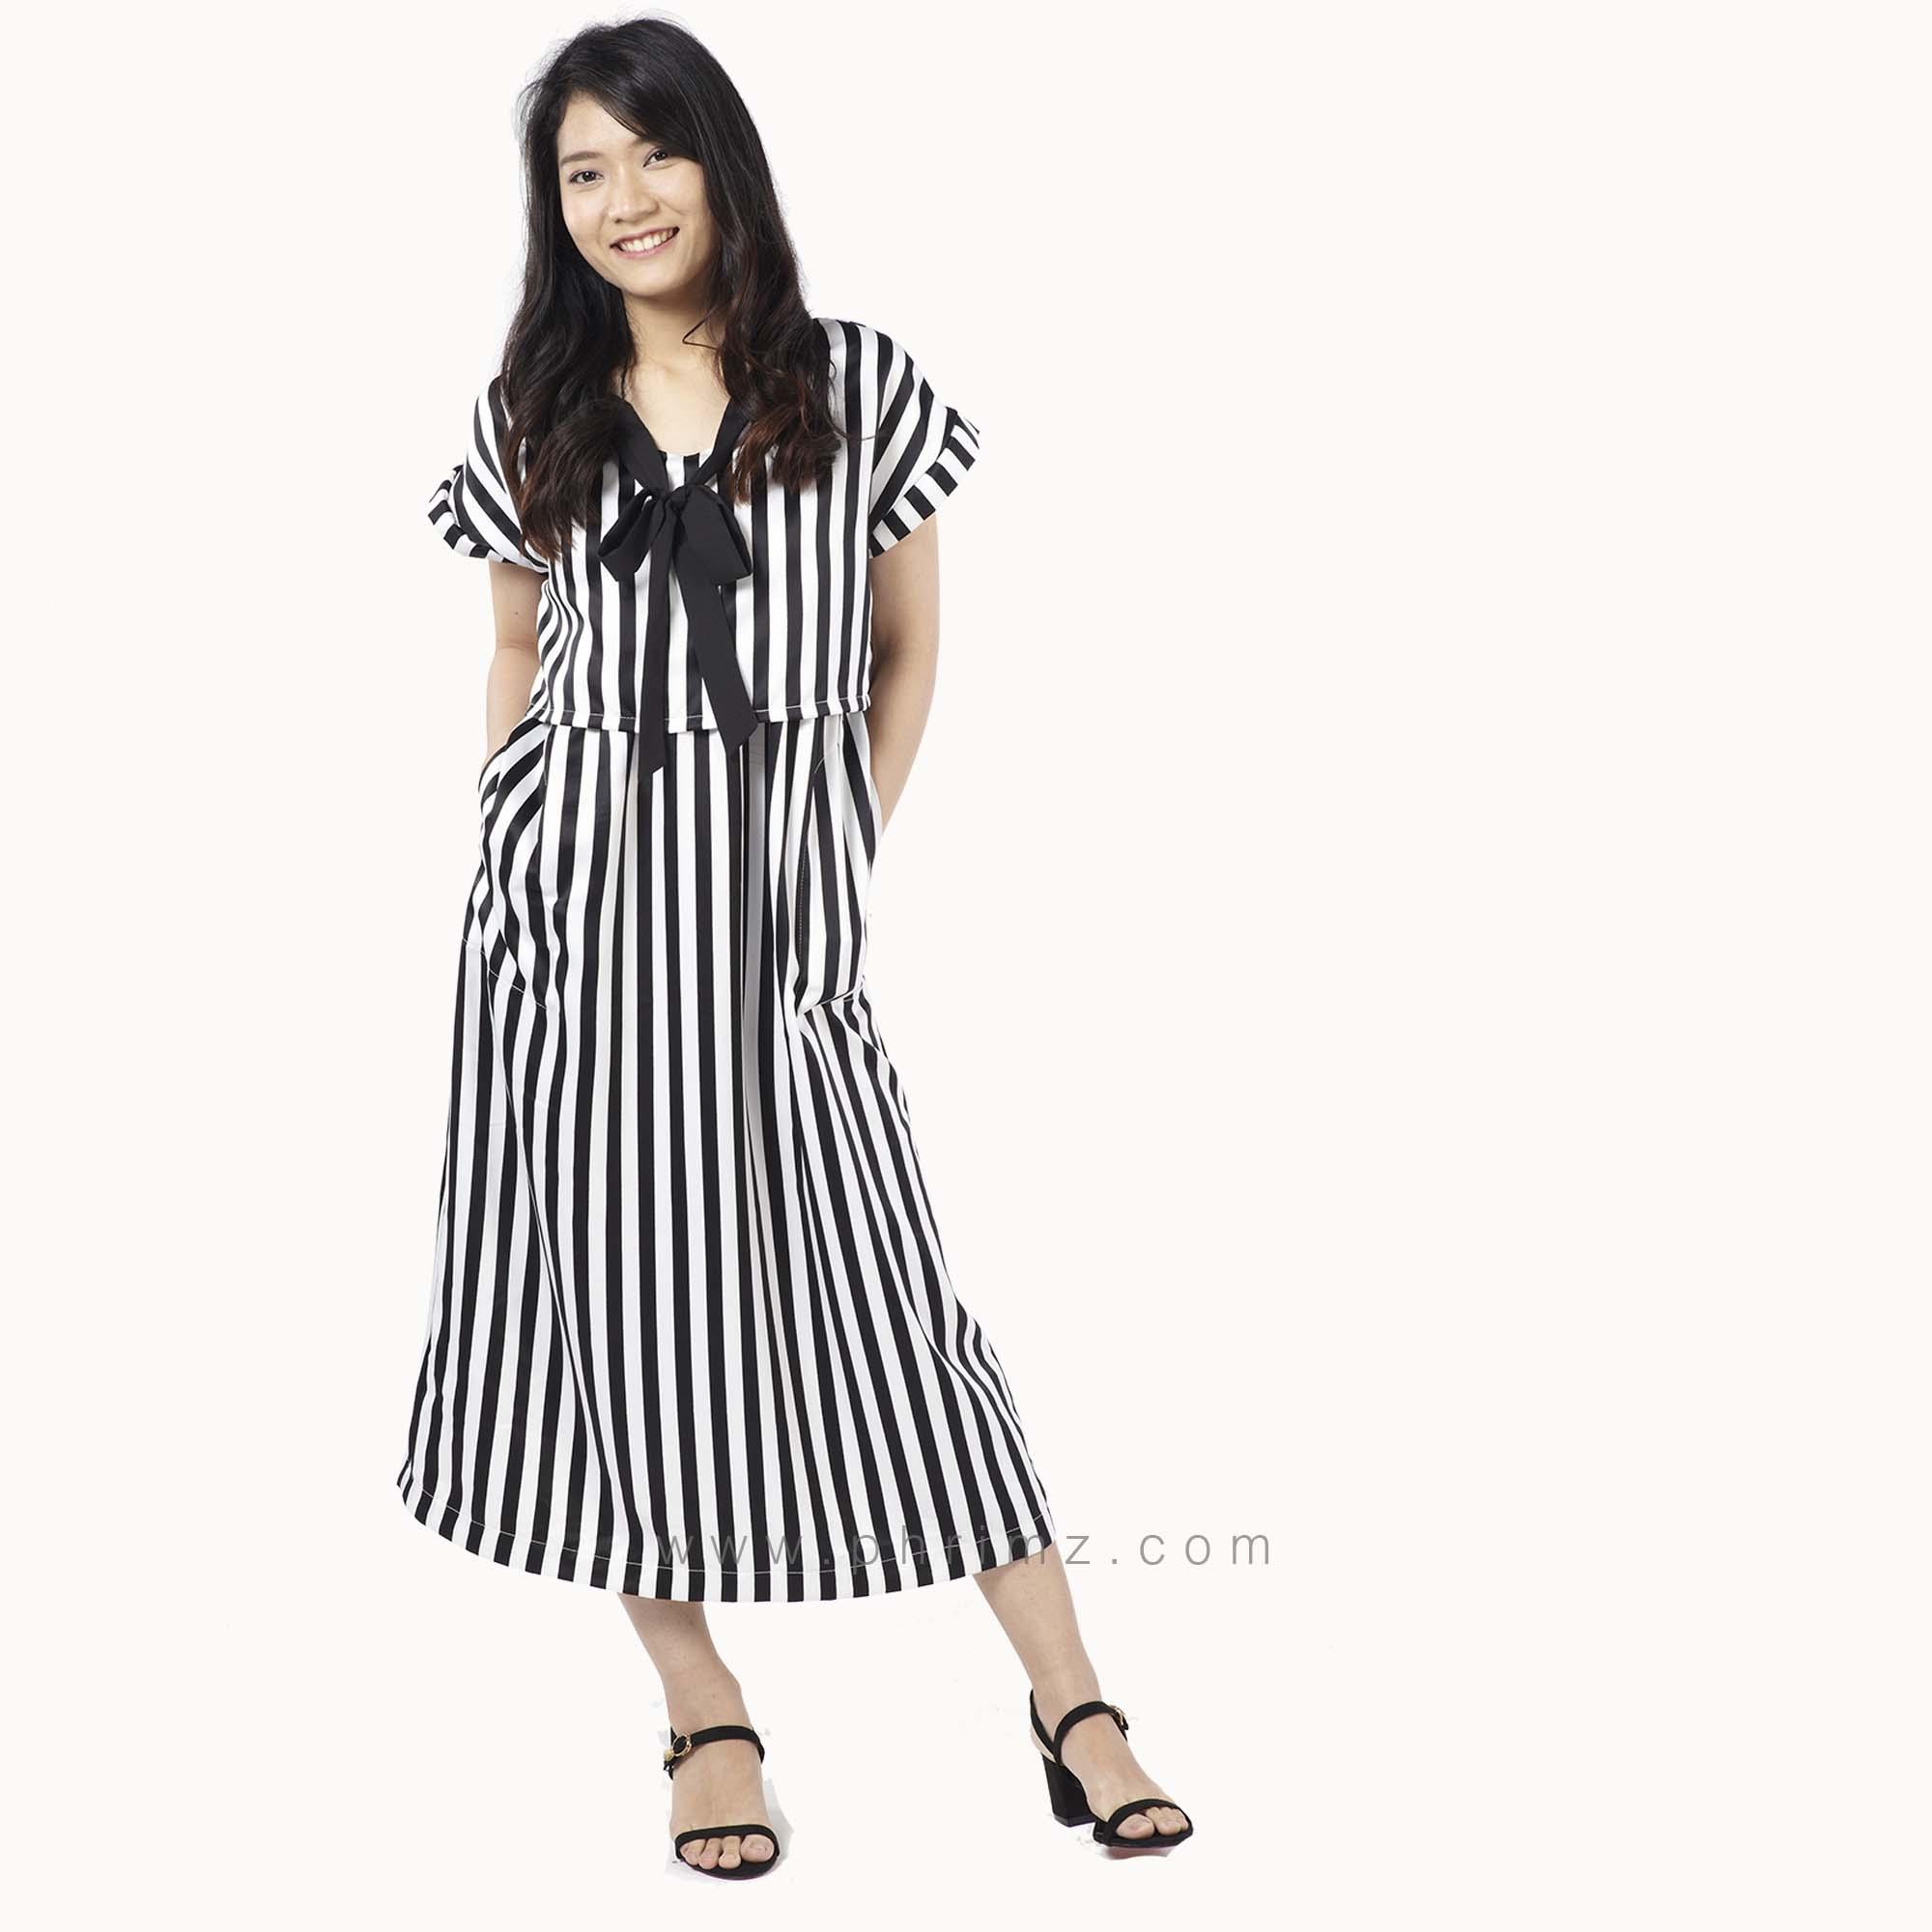 ชุดให้นม Phrimz : Tina Breastfeeding Dress - Black